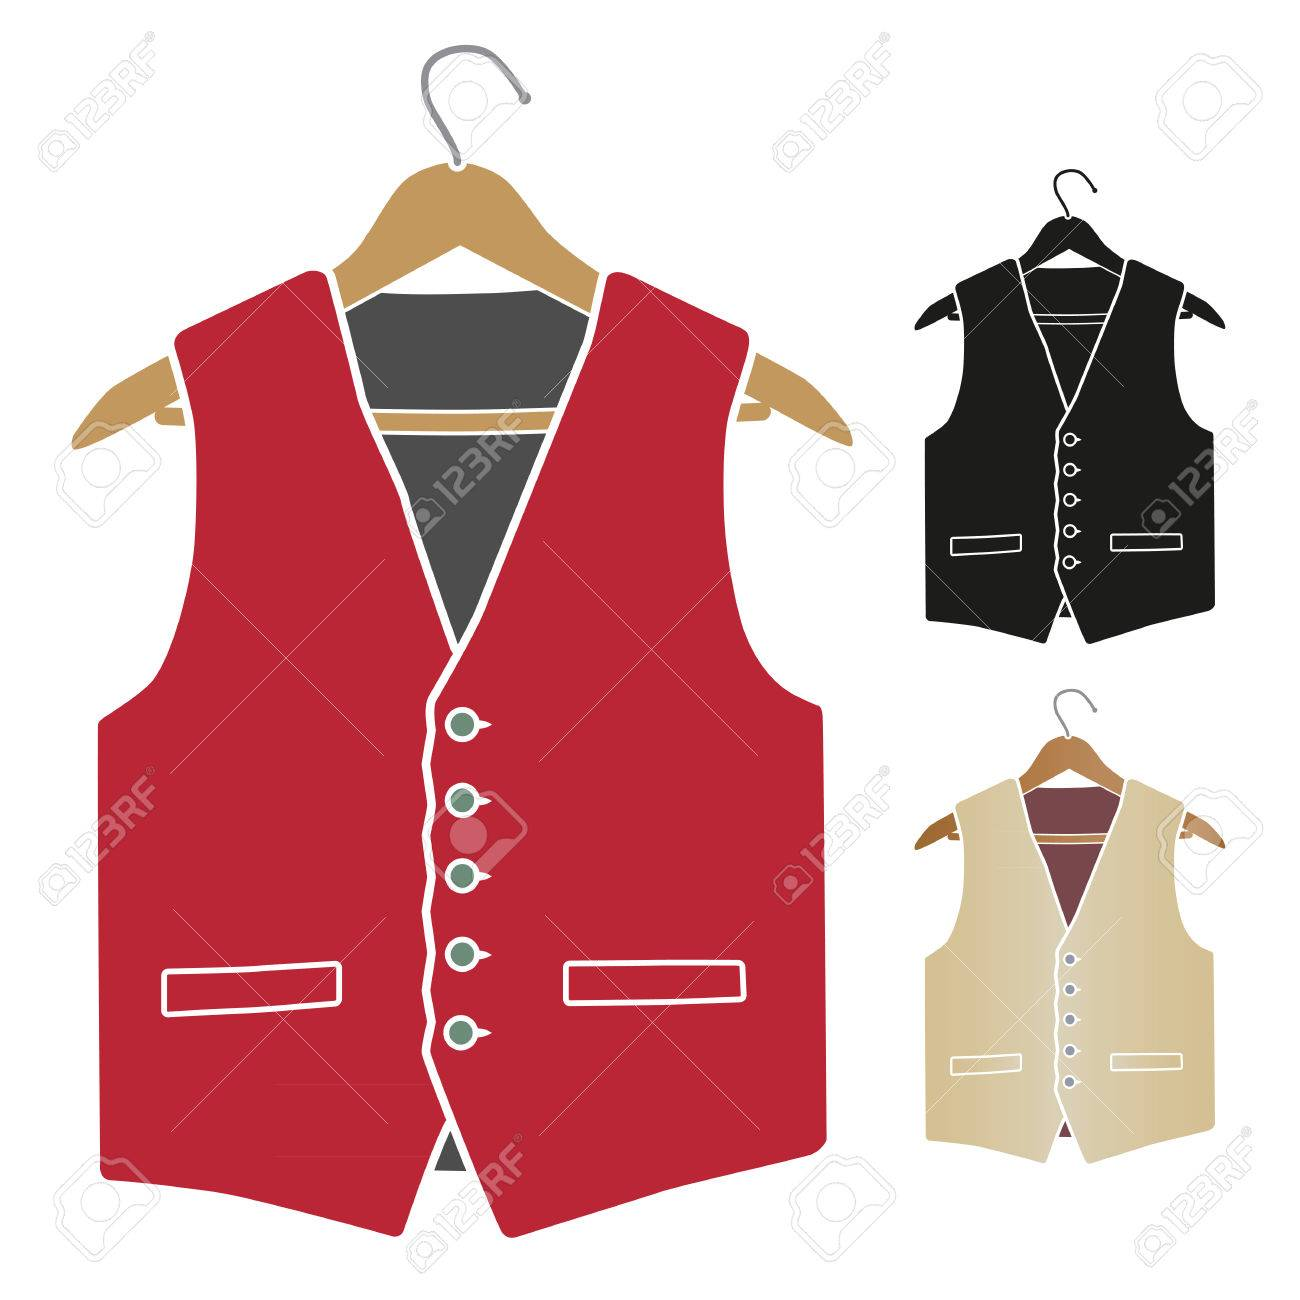 man s waistcoat on hanger - 26301449